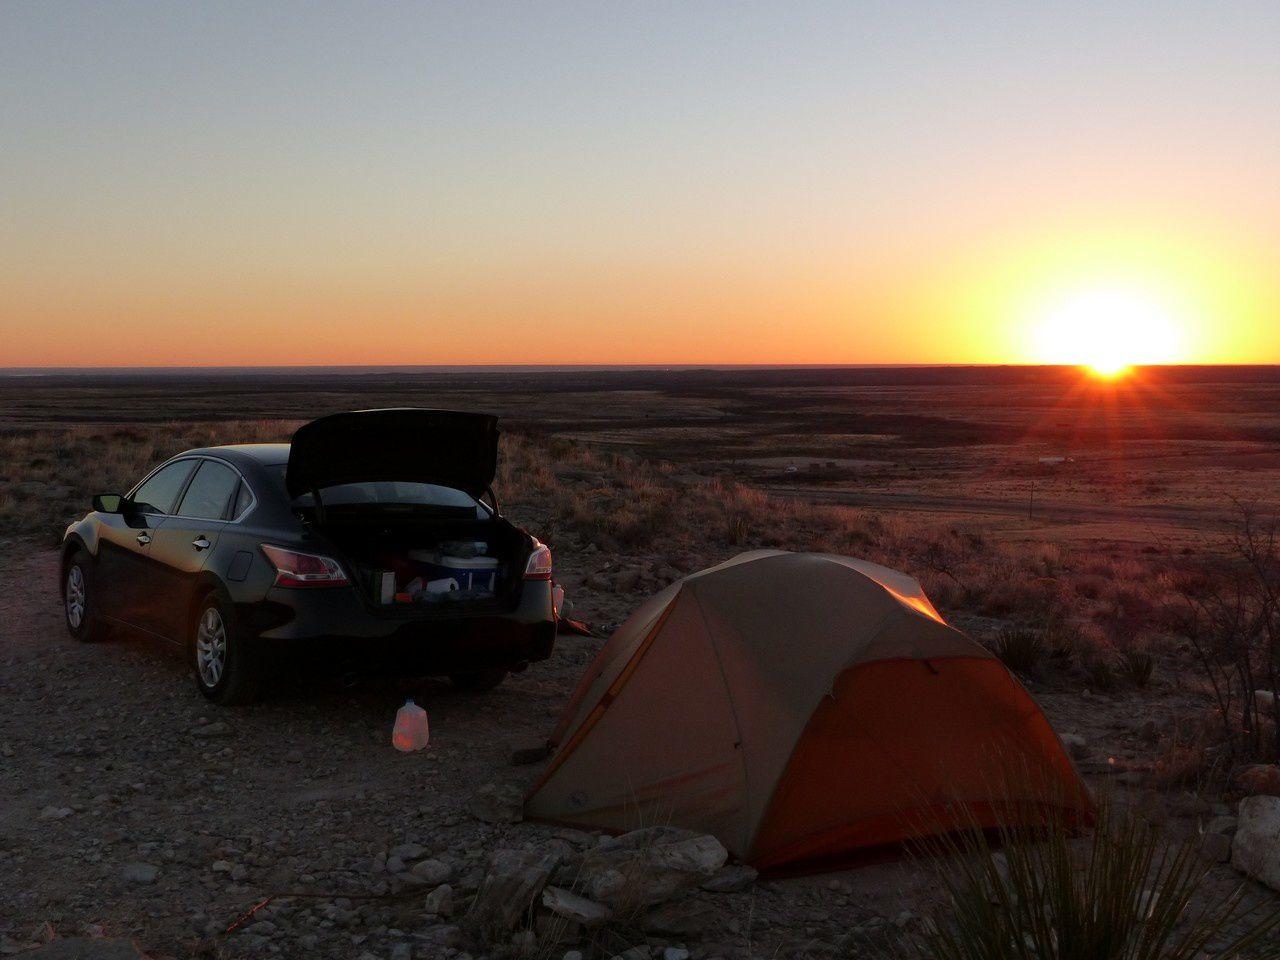 Le Texas et le Nouveau-Mexique : un petit tour dans le désert